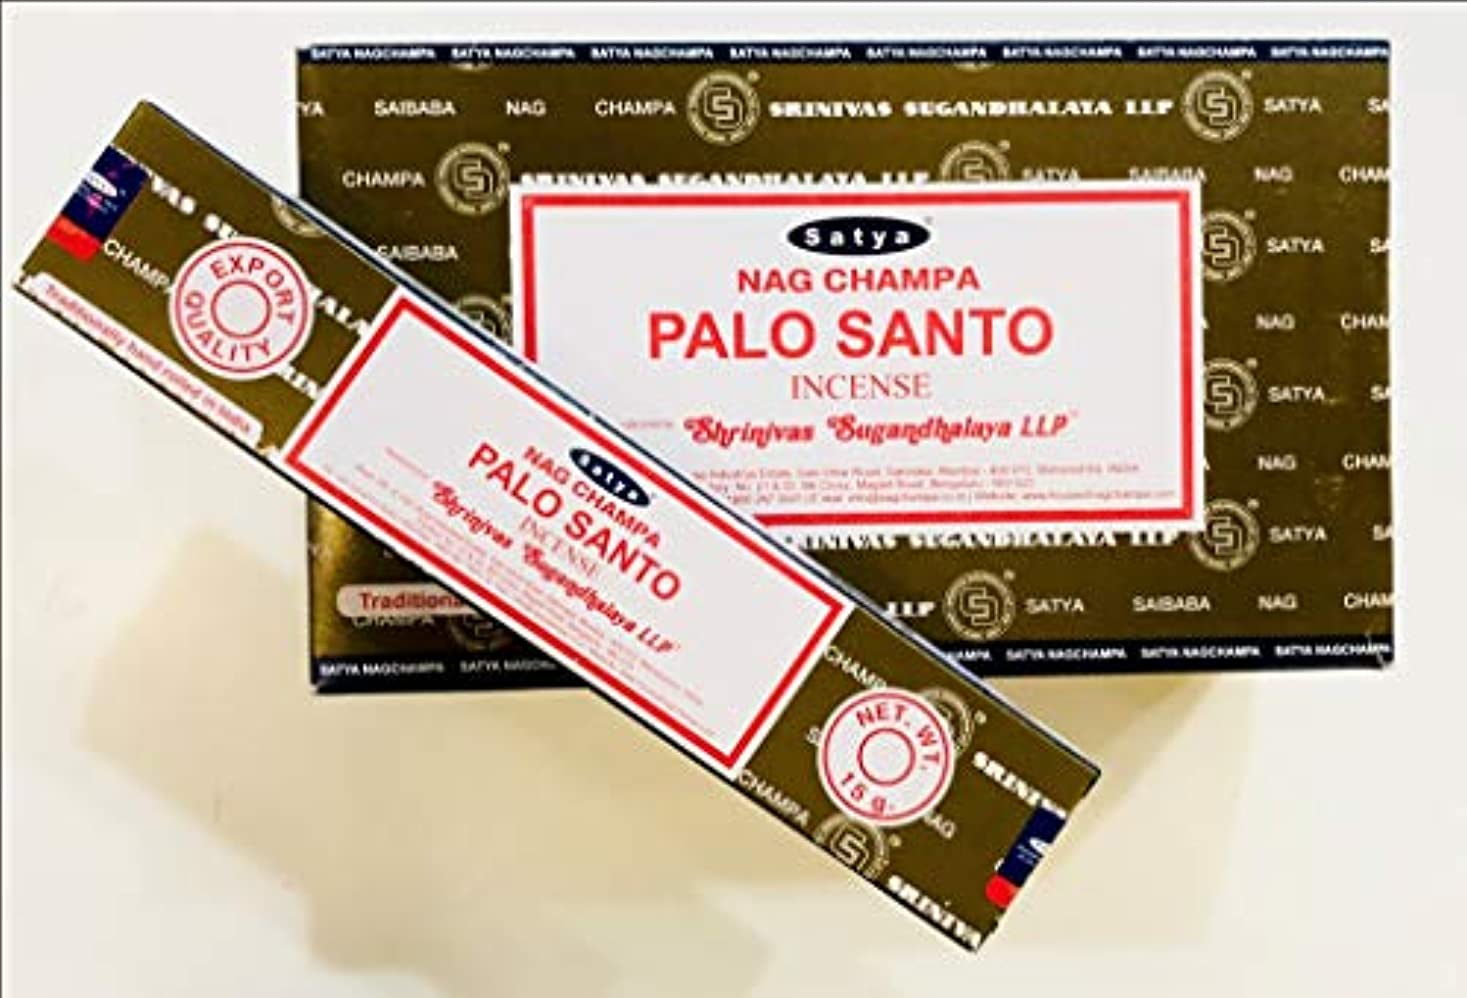 勧告ソブリケット二年生Satya Nag Champa - Palo Santo お香スティック 12本パック x 15グラム 180グラムボックス 輸出品質